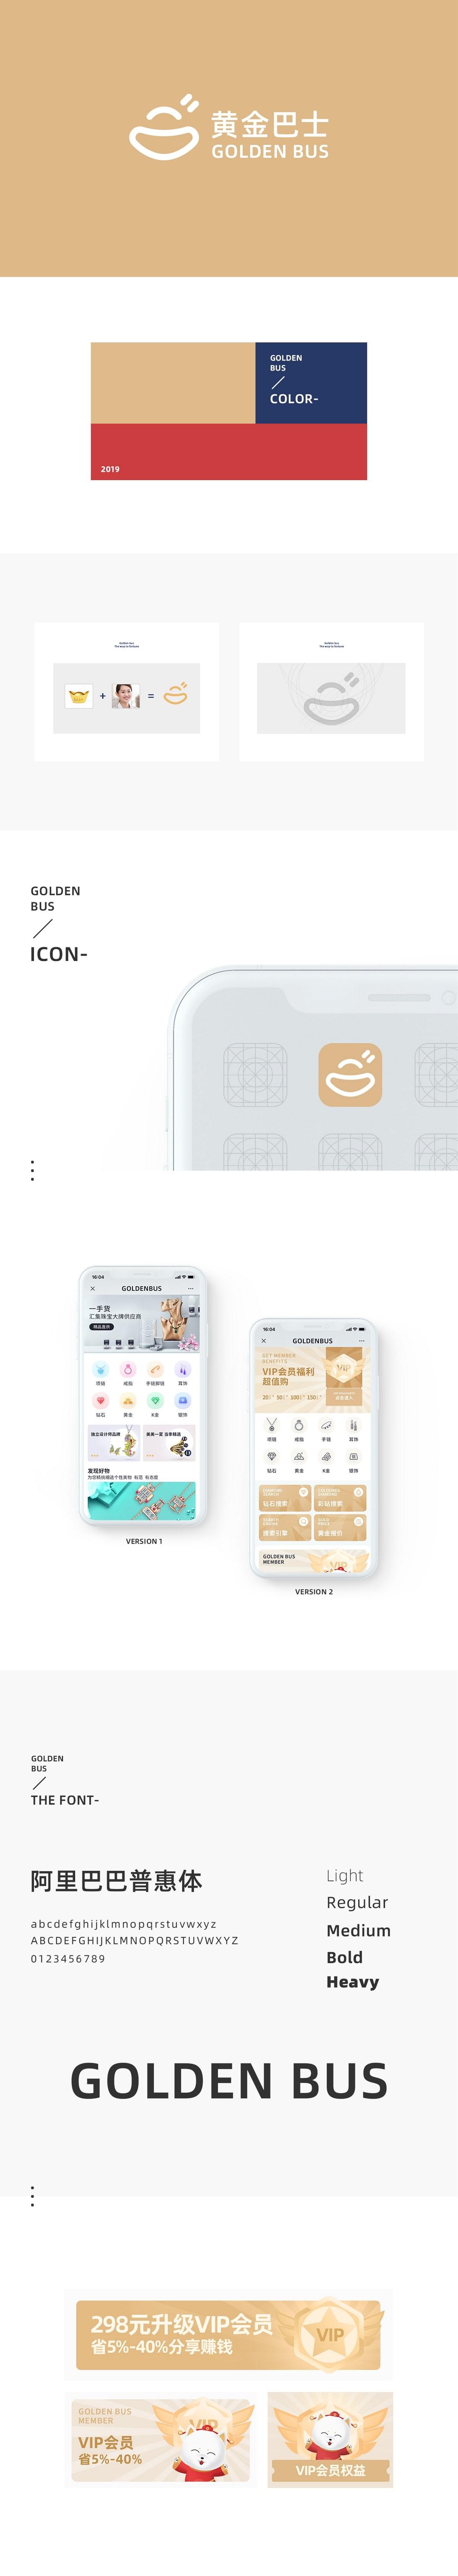 珠宝平台logo吉祥物网页UIapp电商移动端页面 品牌推广